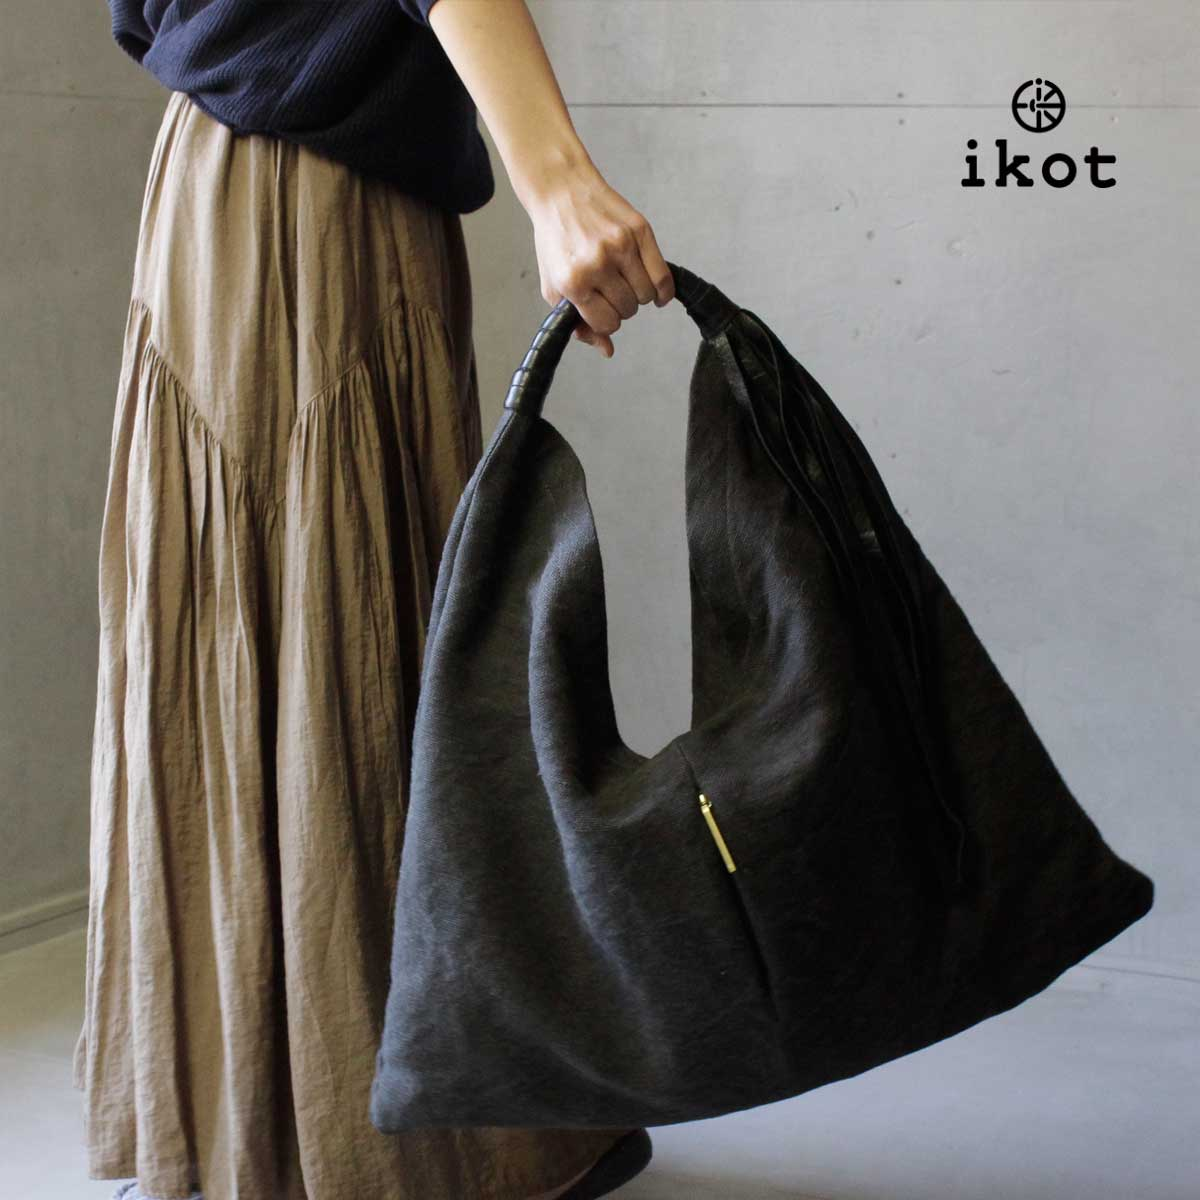 ざっくりした生地の魅力を大胆なサイズで表現しました。男女問わず使える麻バッグです。 【2019AW】ikot(イコット)ジュート×牛革 大判トートバッグ ワンショルダー IK119308